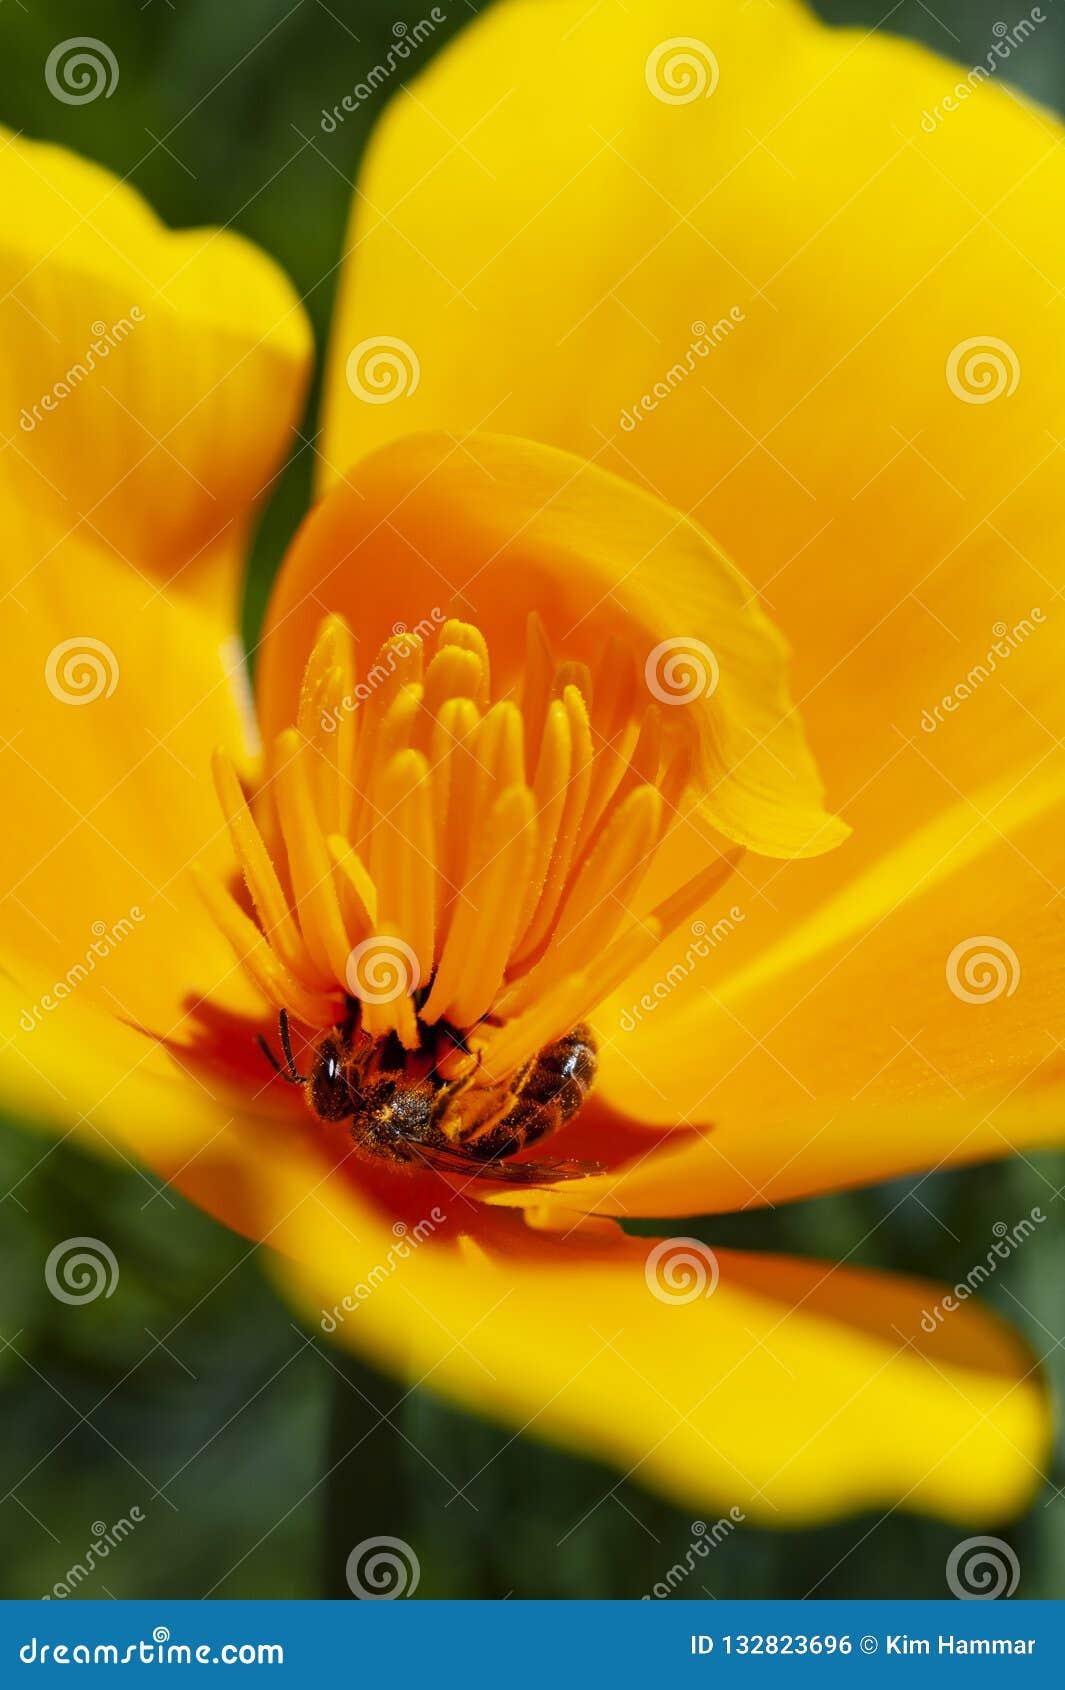 Die Kalifornien-Staatsblume, die Kalifornien-Mohnblume, öffnet seine Blumenblätter, die für die Sonne und die Bestäubung täglich